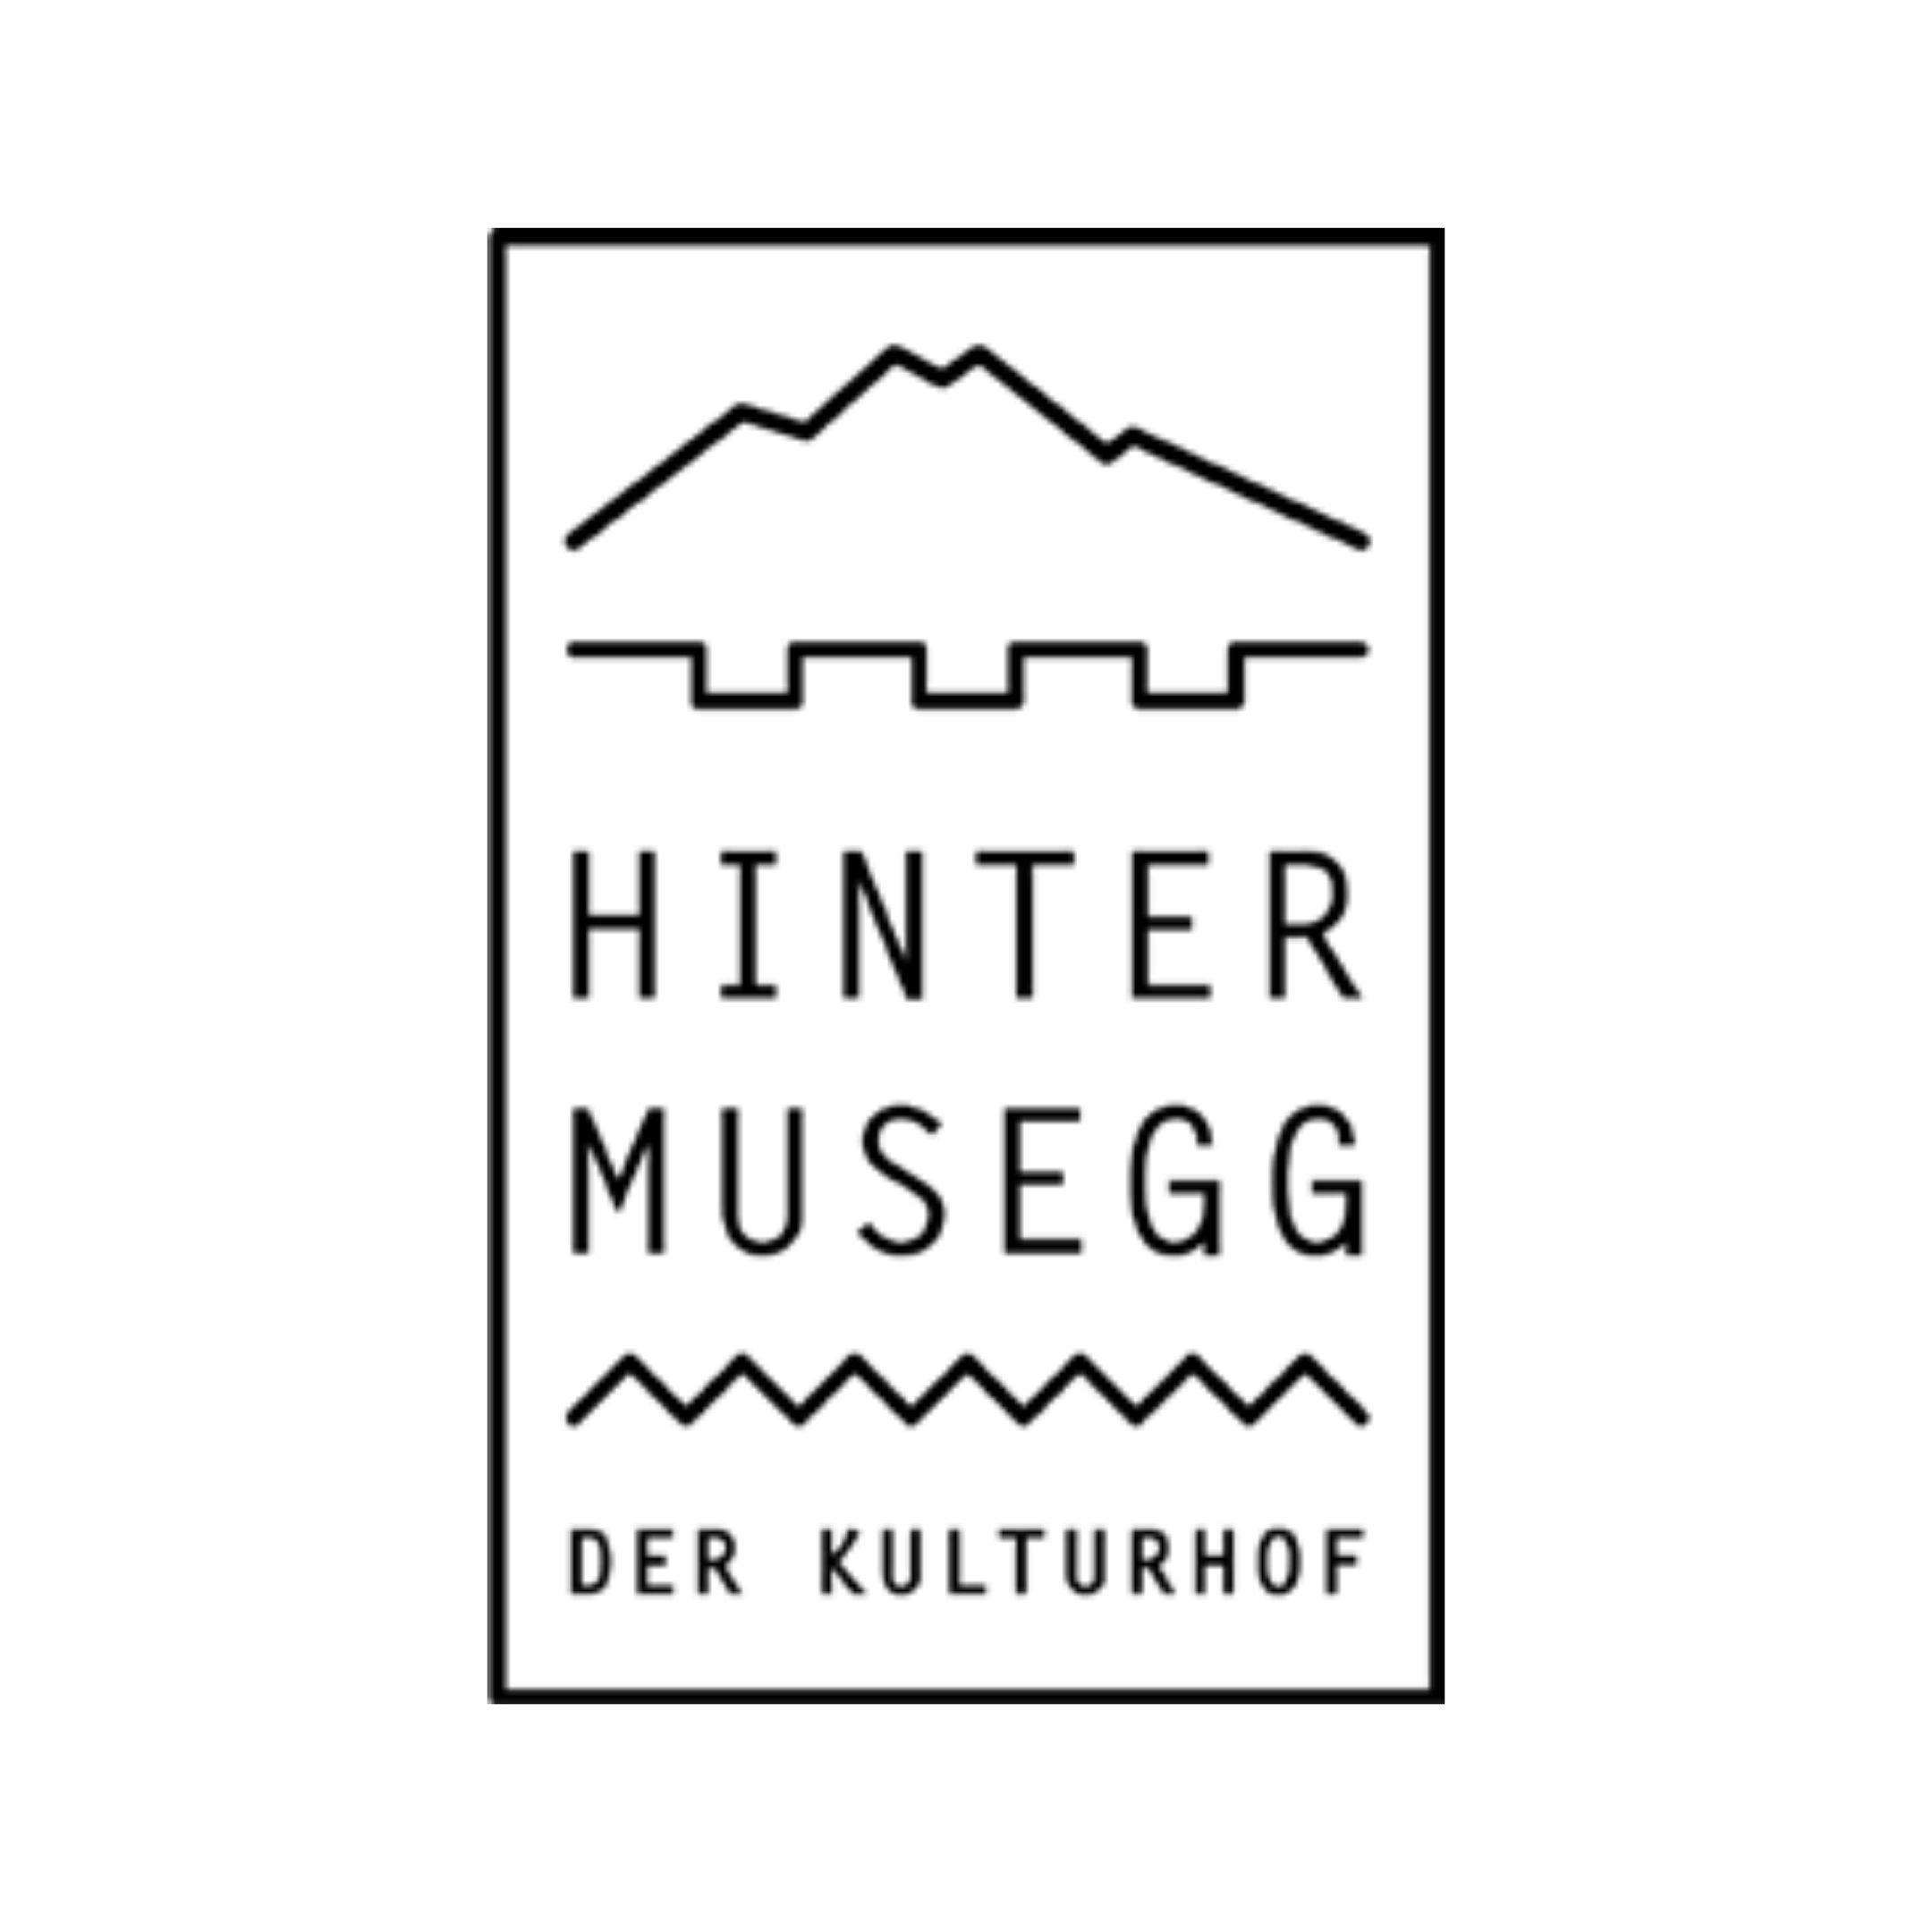 Hofbeiz Kulturhof Hinter Musegg